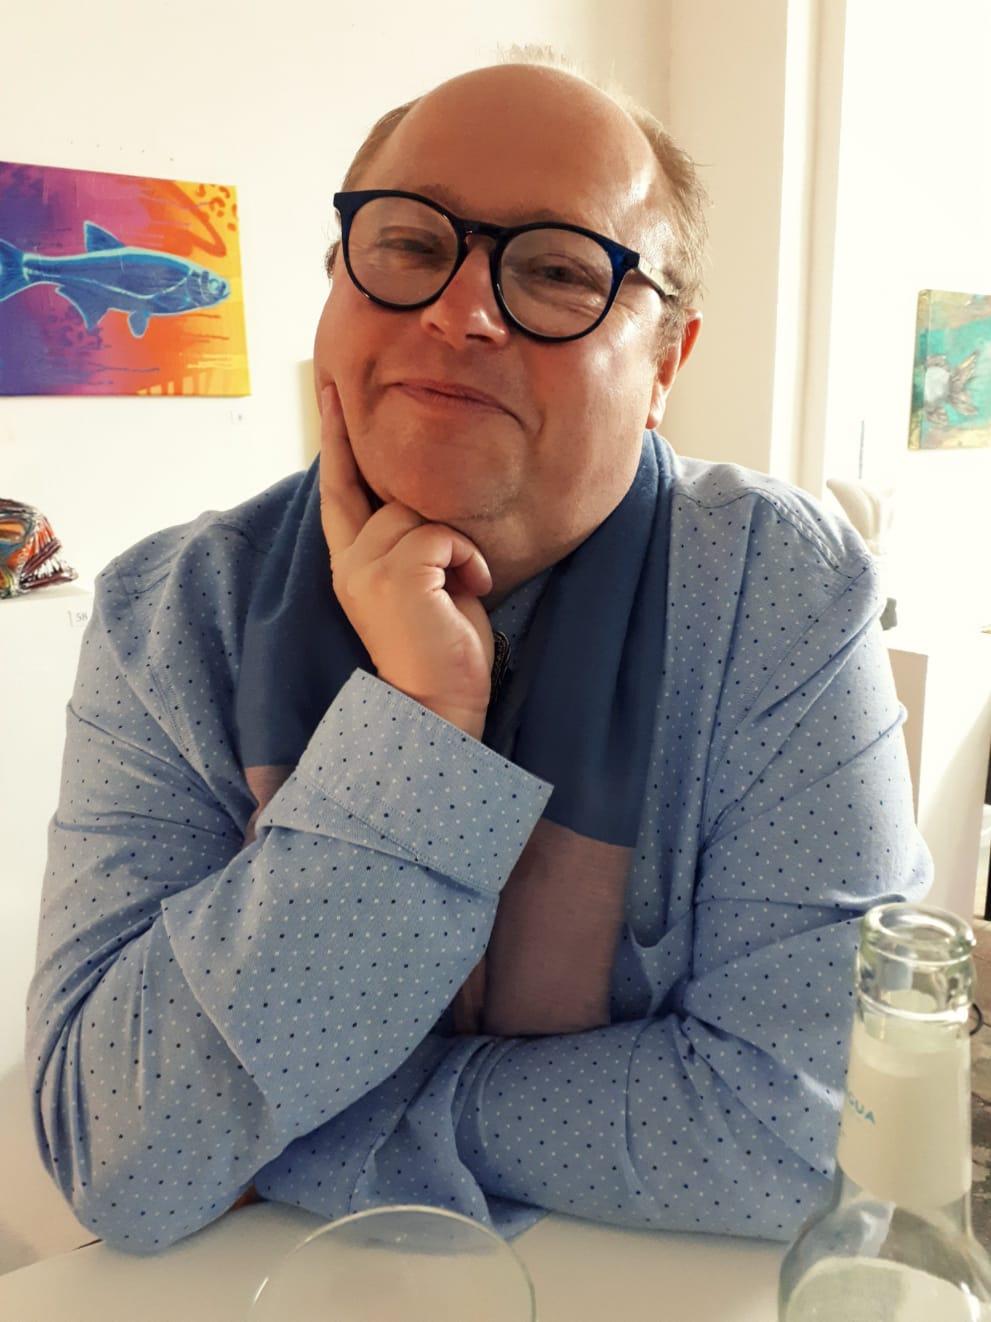 Hardy Kleidt